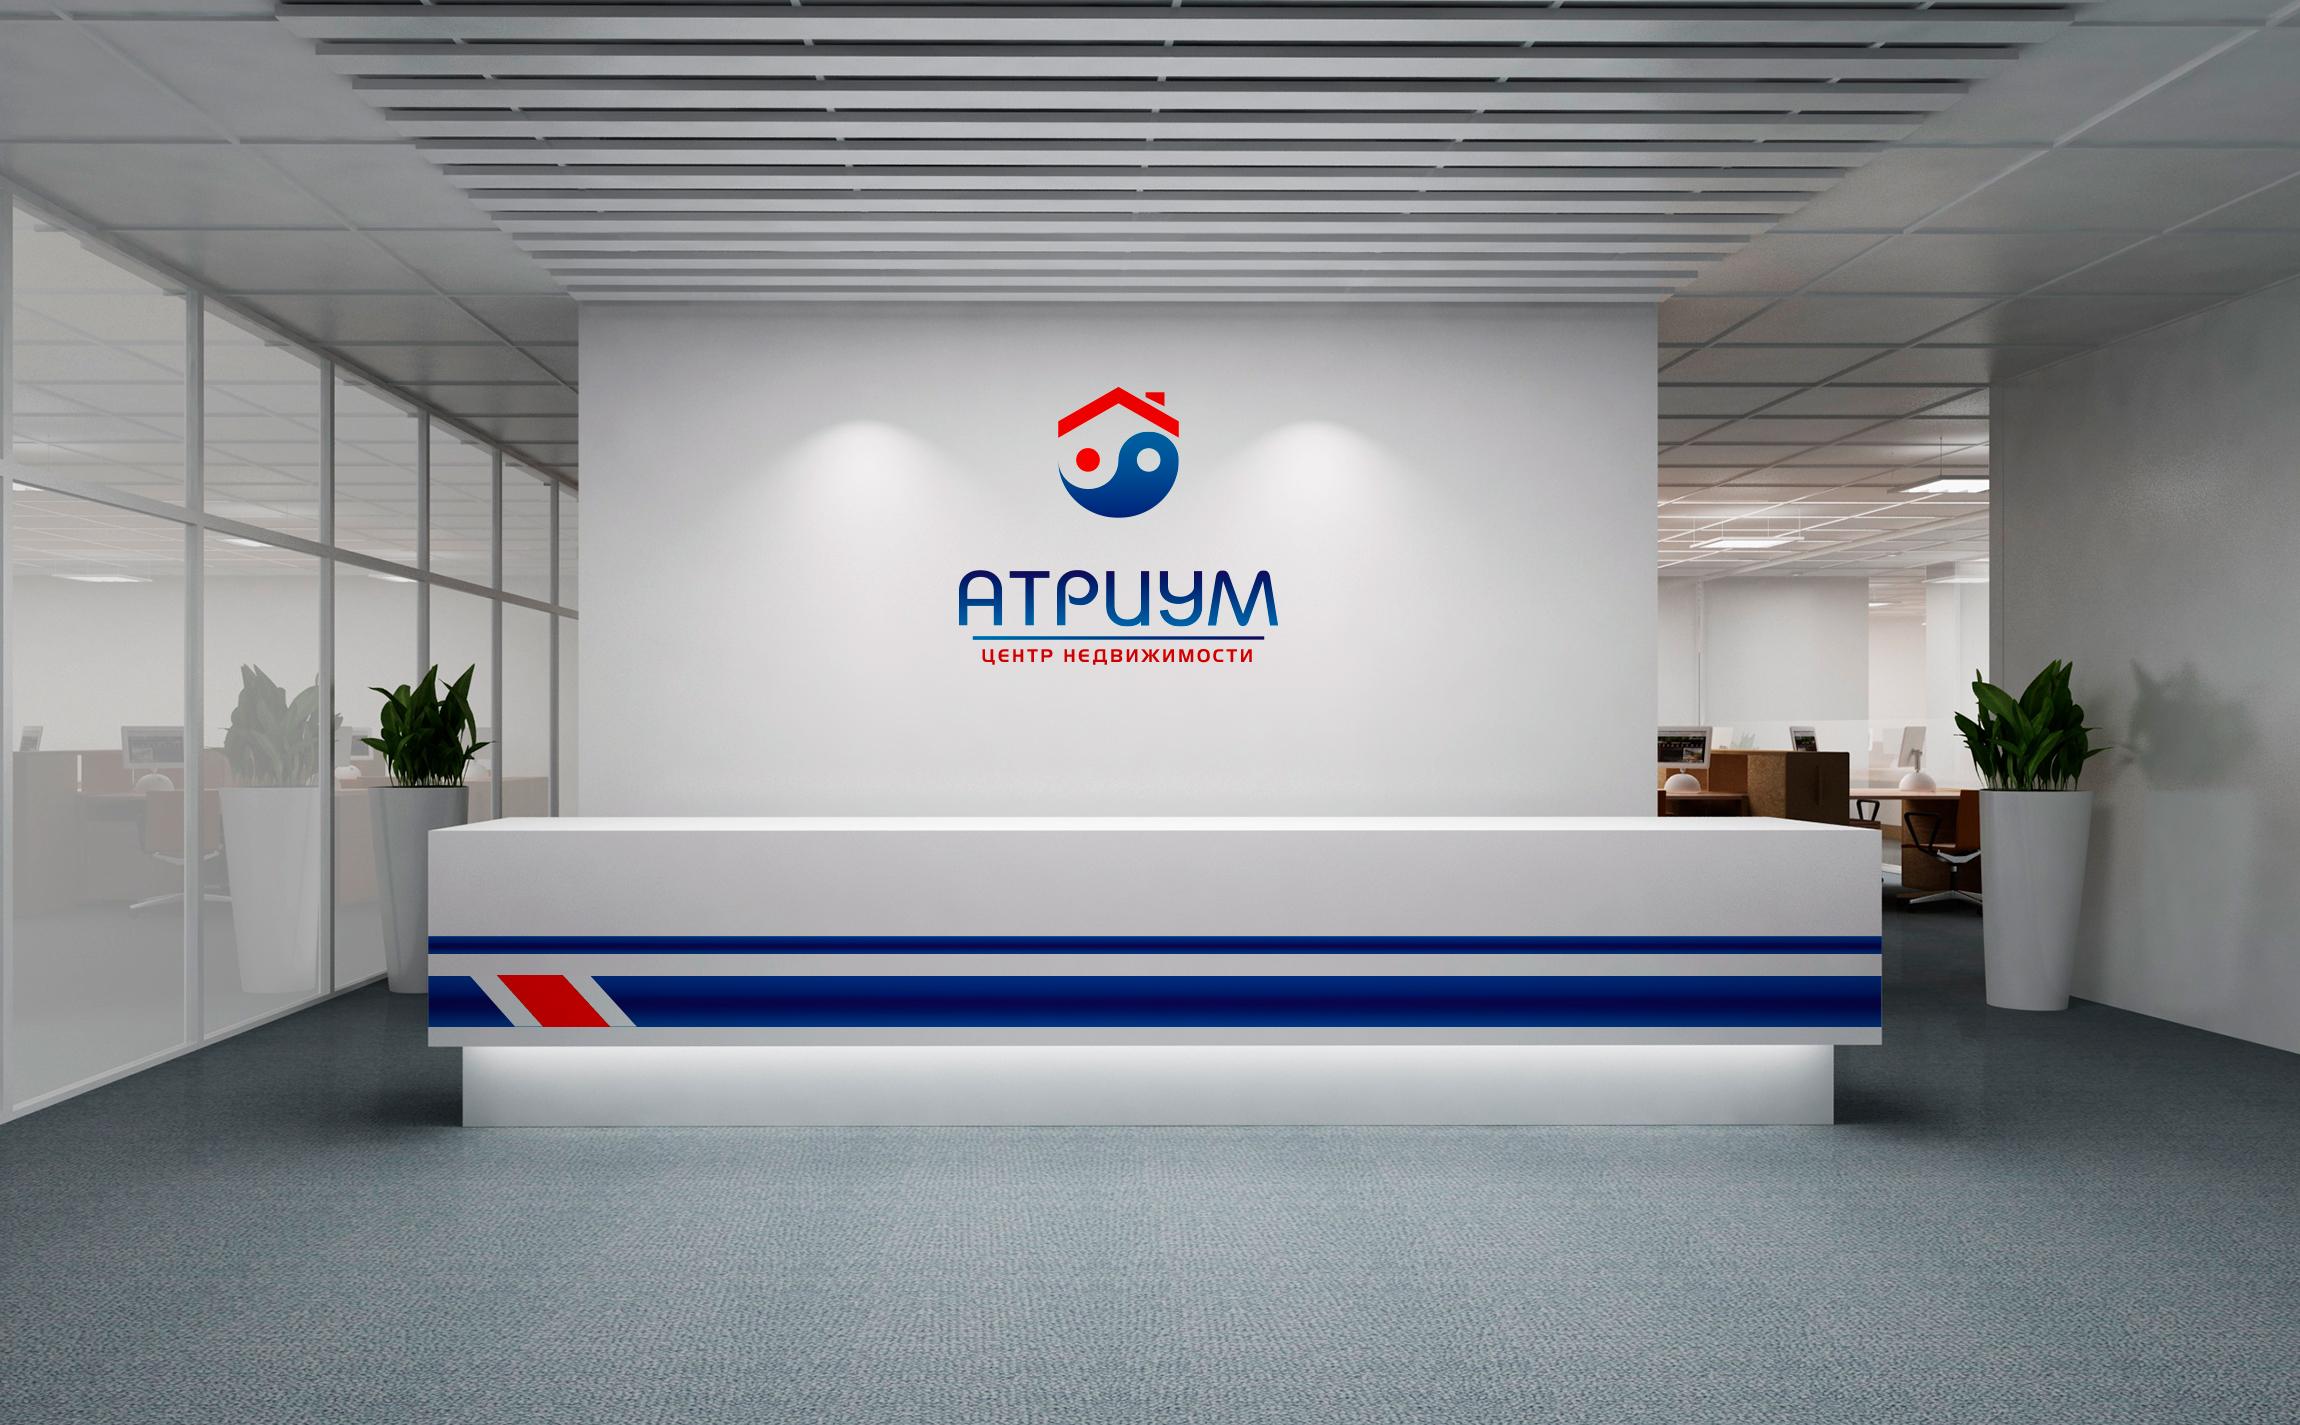 Редизайн / модернизация логотипа Центра недвижимости фото f_4975bd37d61b5037.jpg